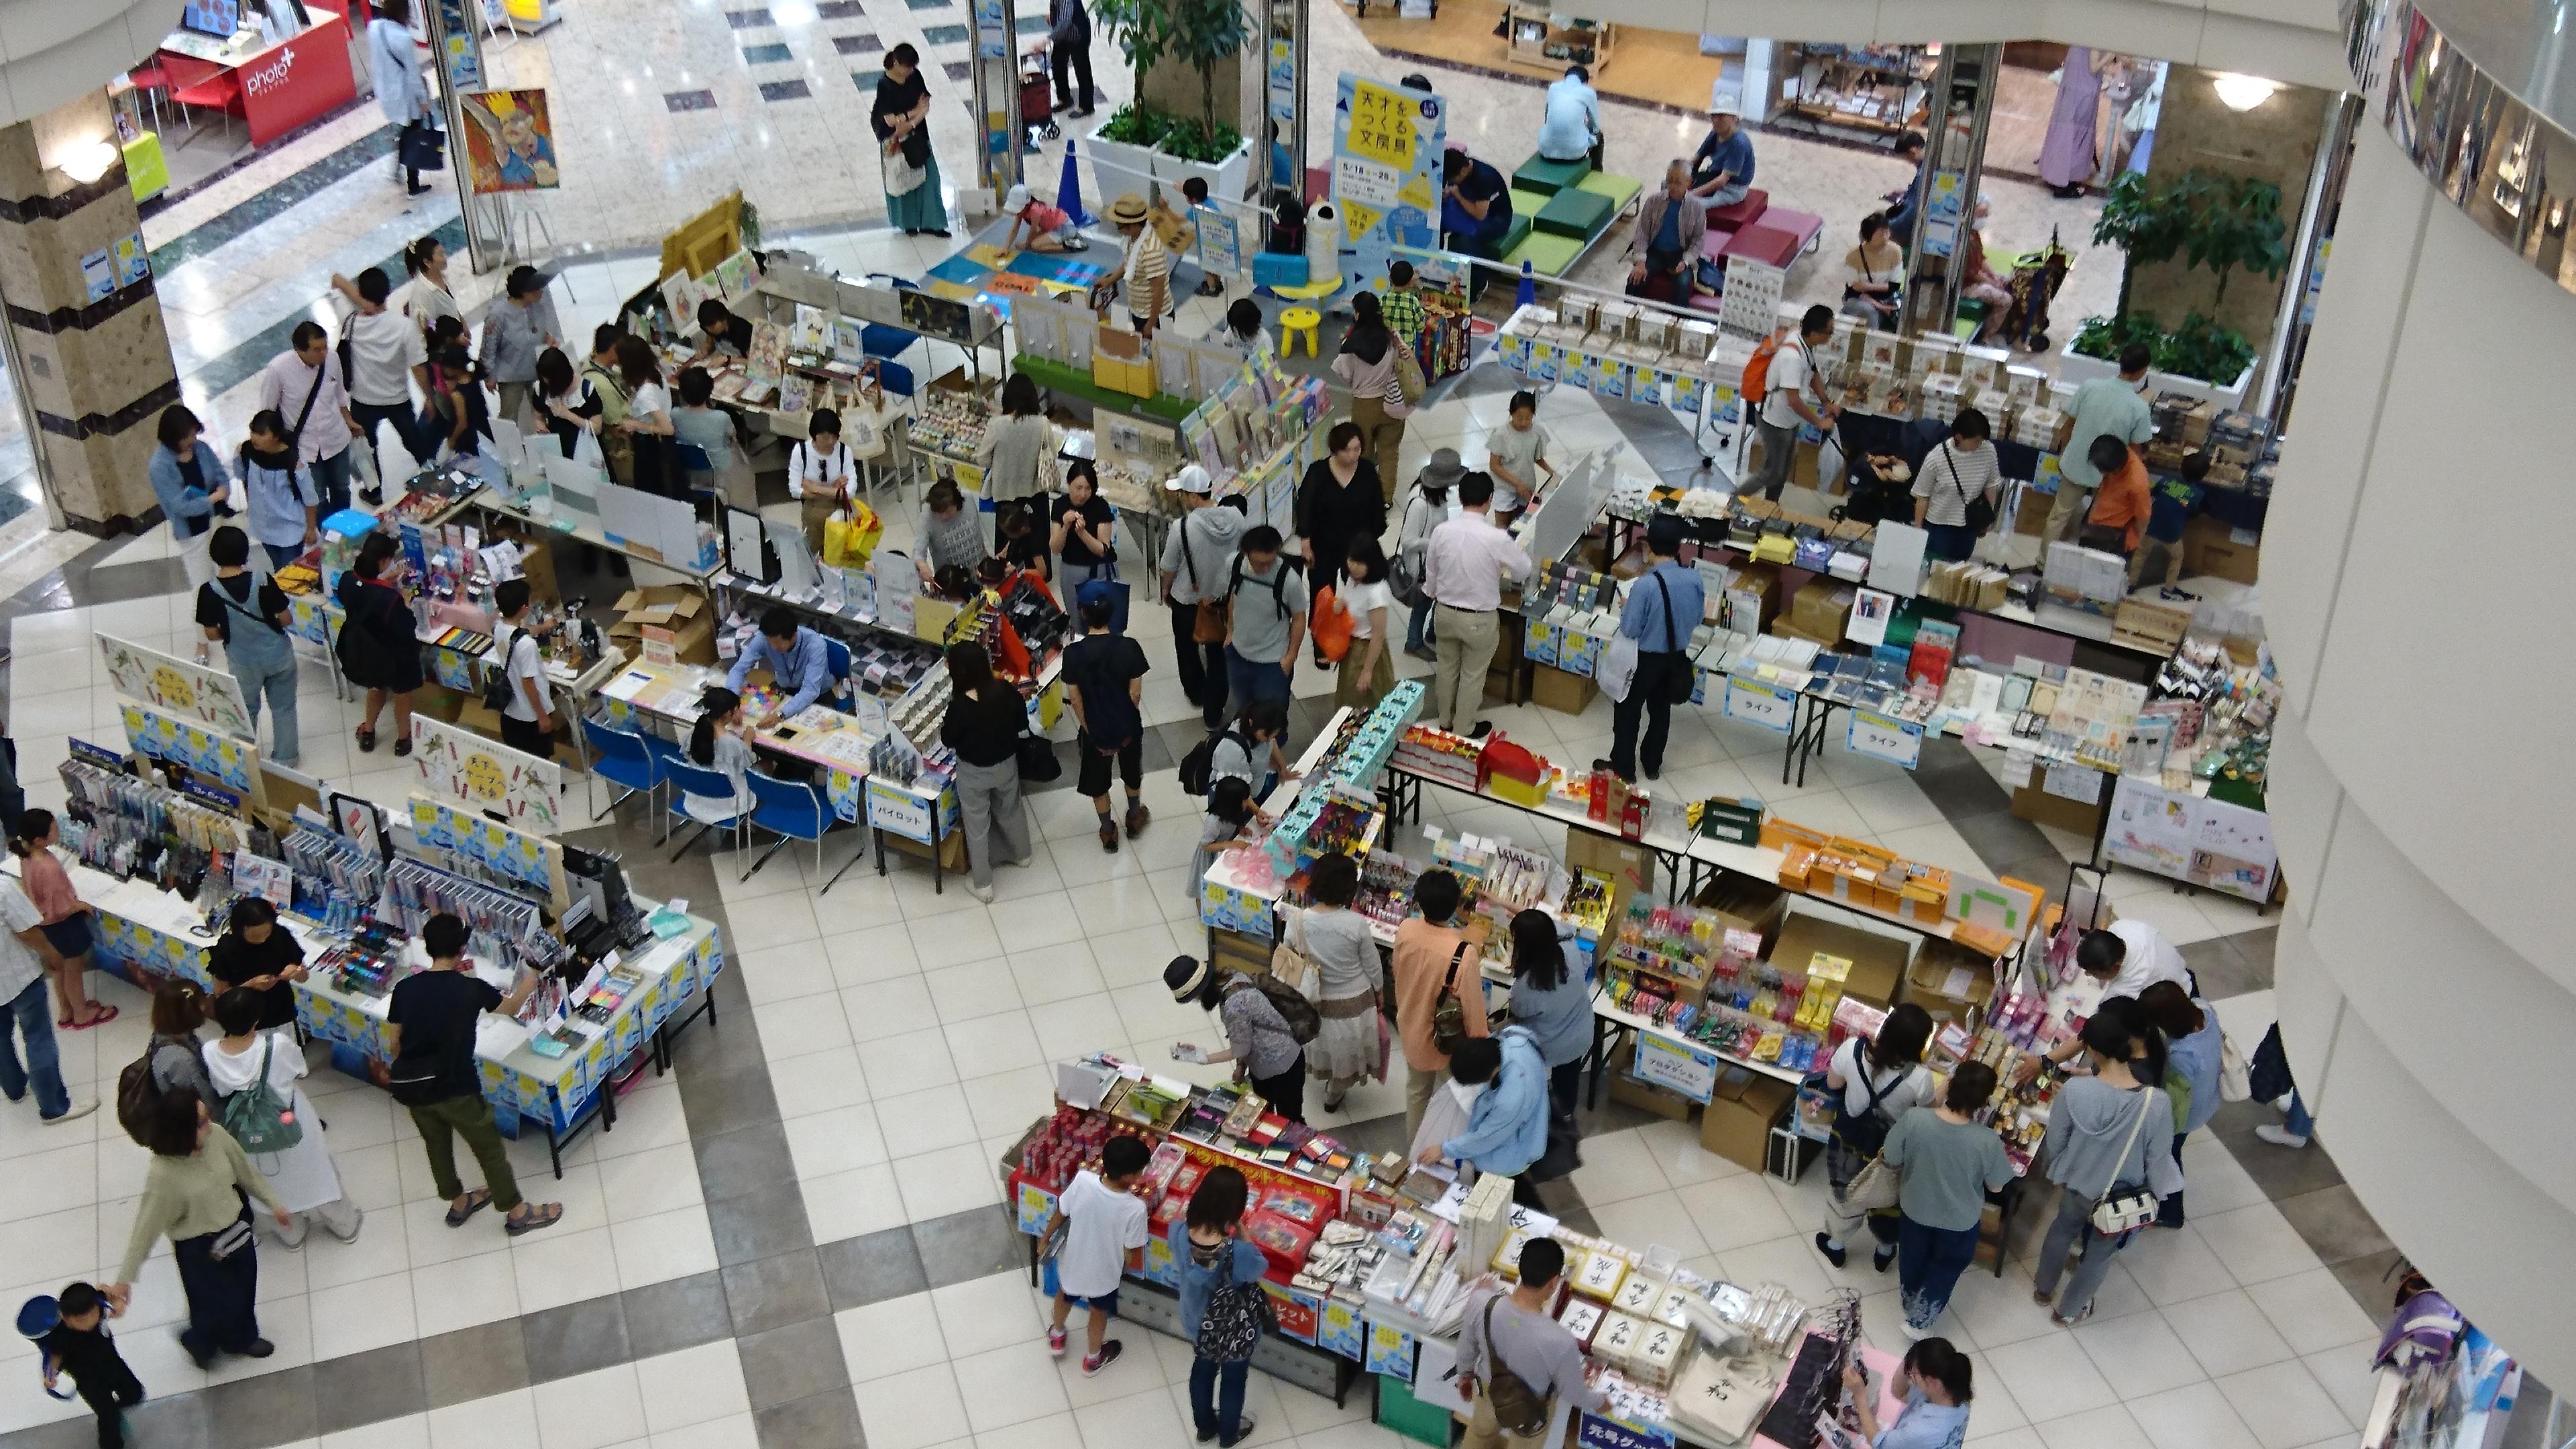 【プレンティ店】話題の文房具や新製品などを体験できたり、ワークショップが楽しめる『文具の学校』